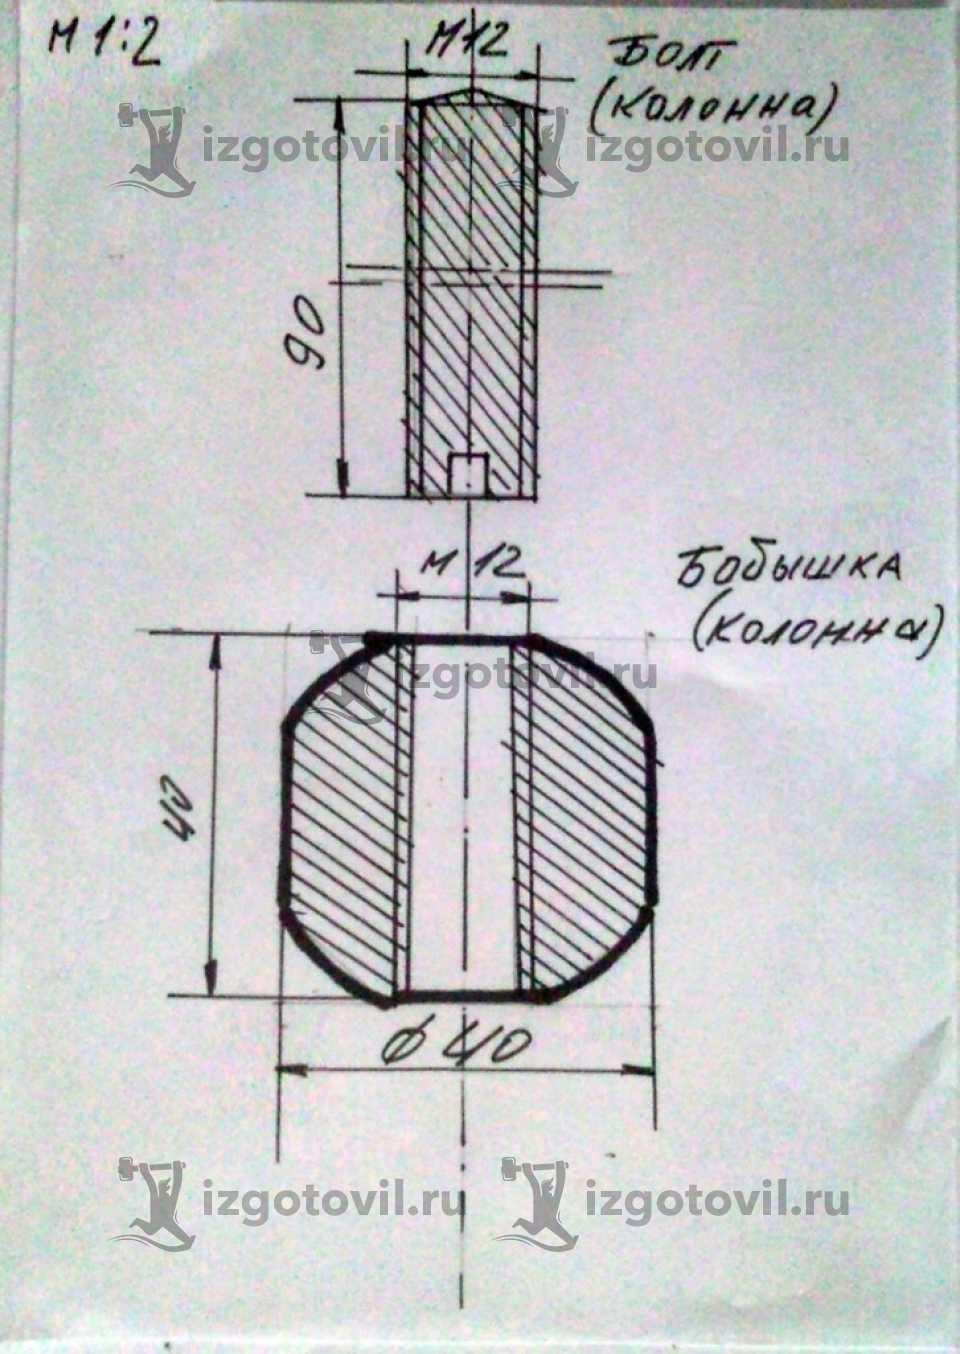 Токарные работы на заказ - изготовить колонну